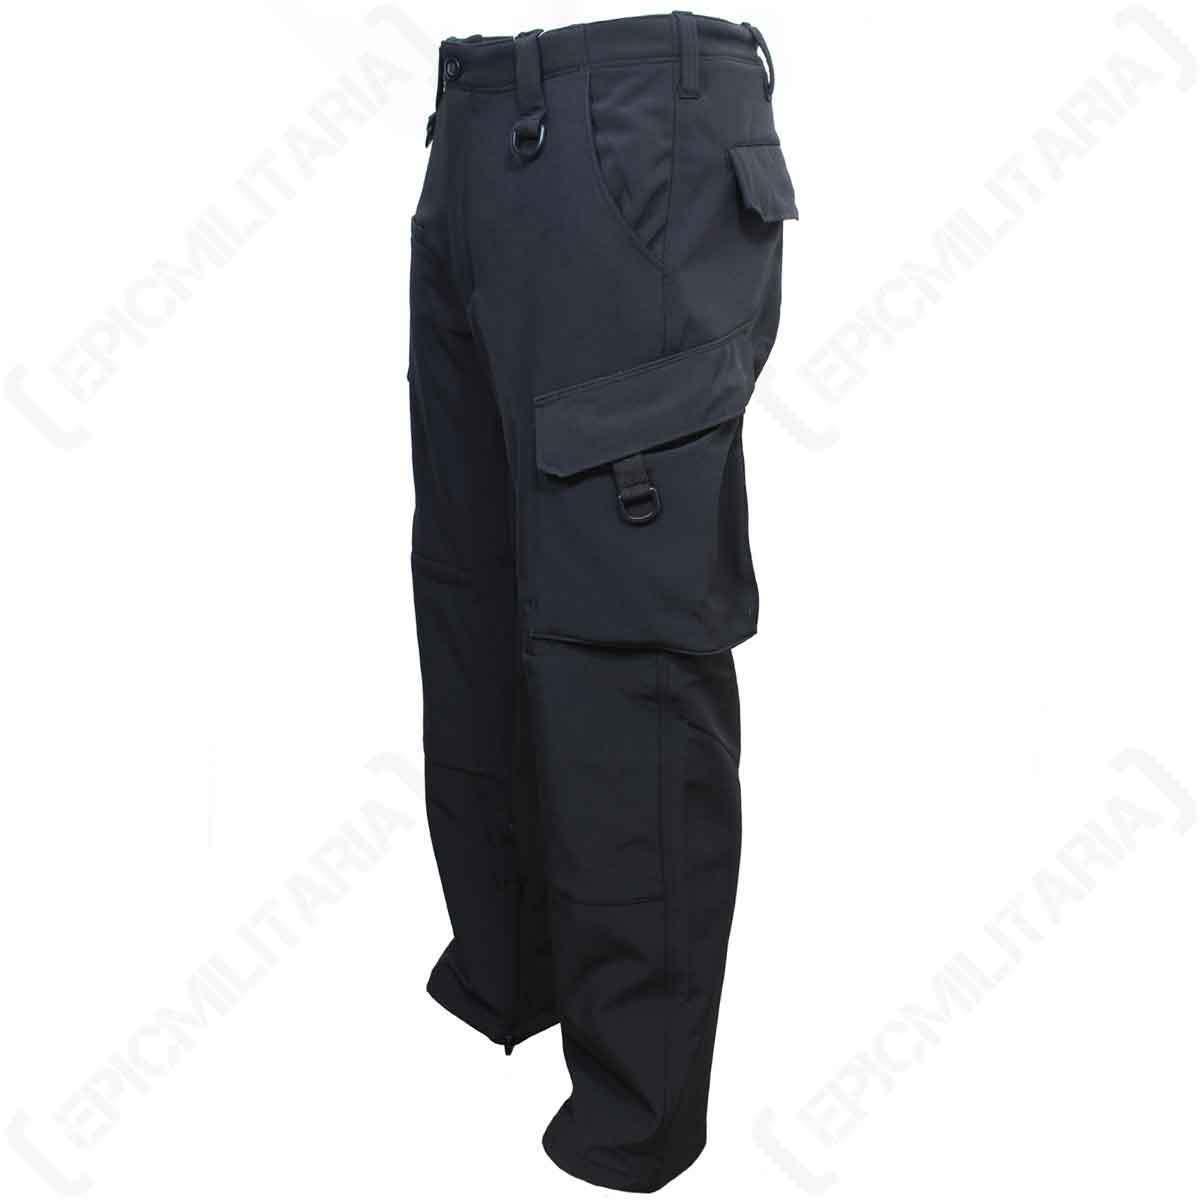 black Softshell Explorador Pantalones - Al Aire Libre Agua Resistente Forrado